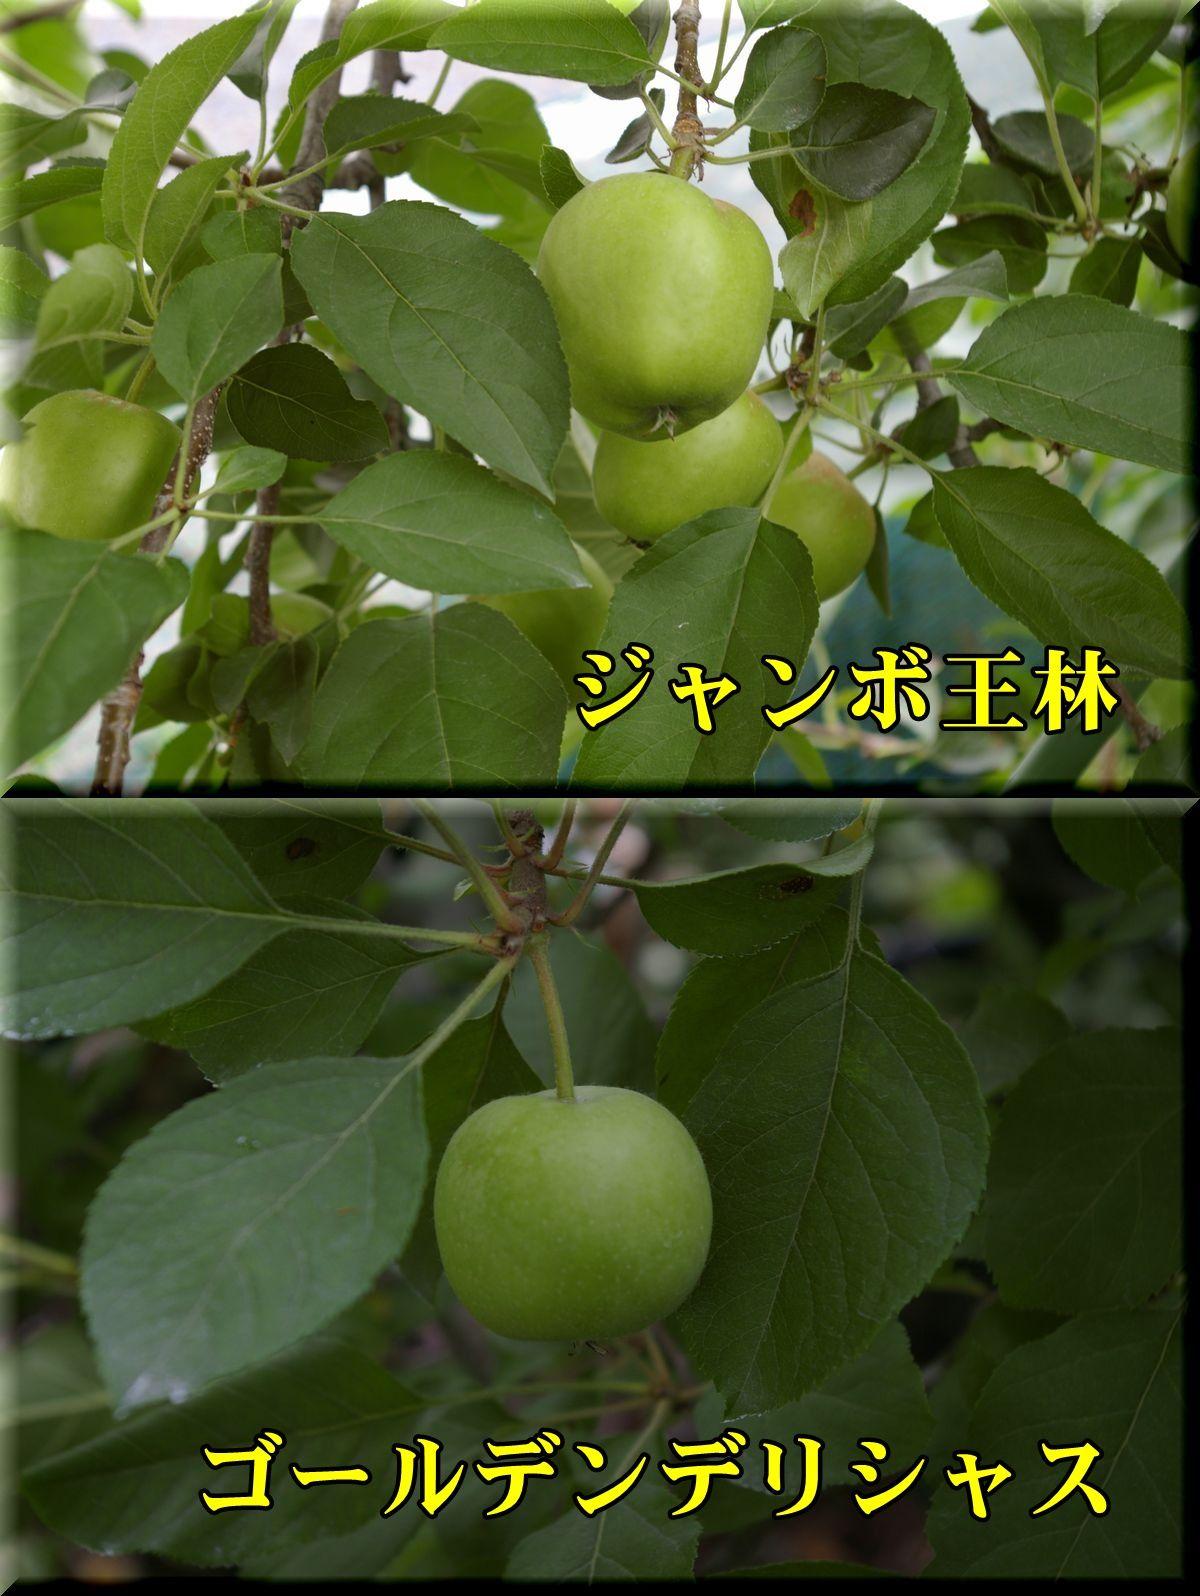 1Jori_Gde160609_012.jpg